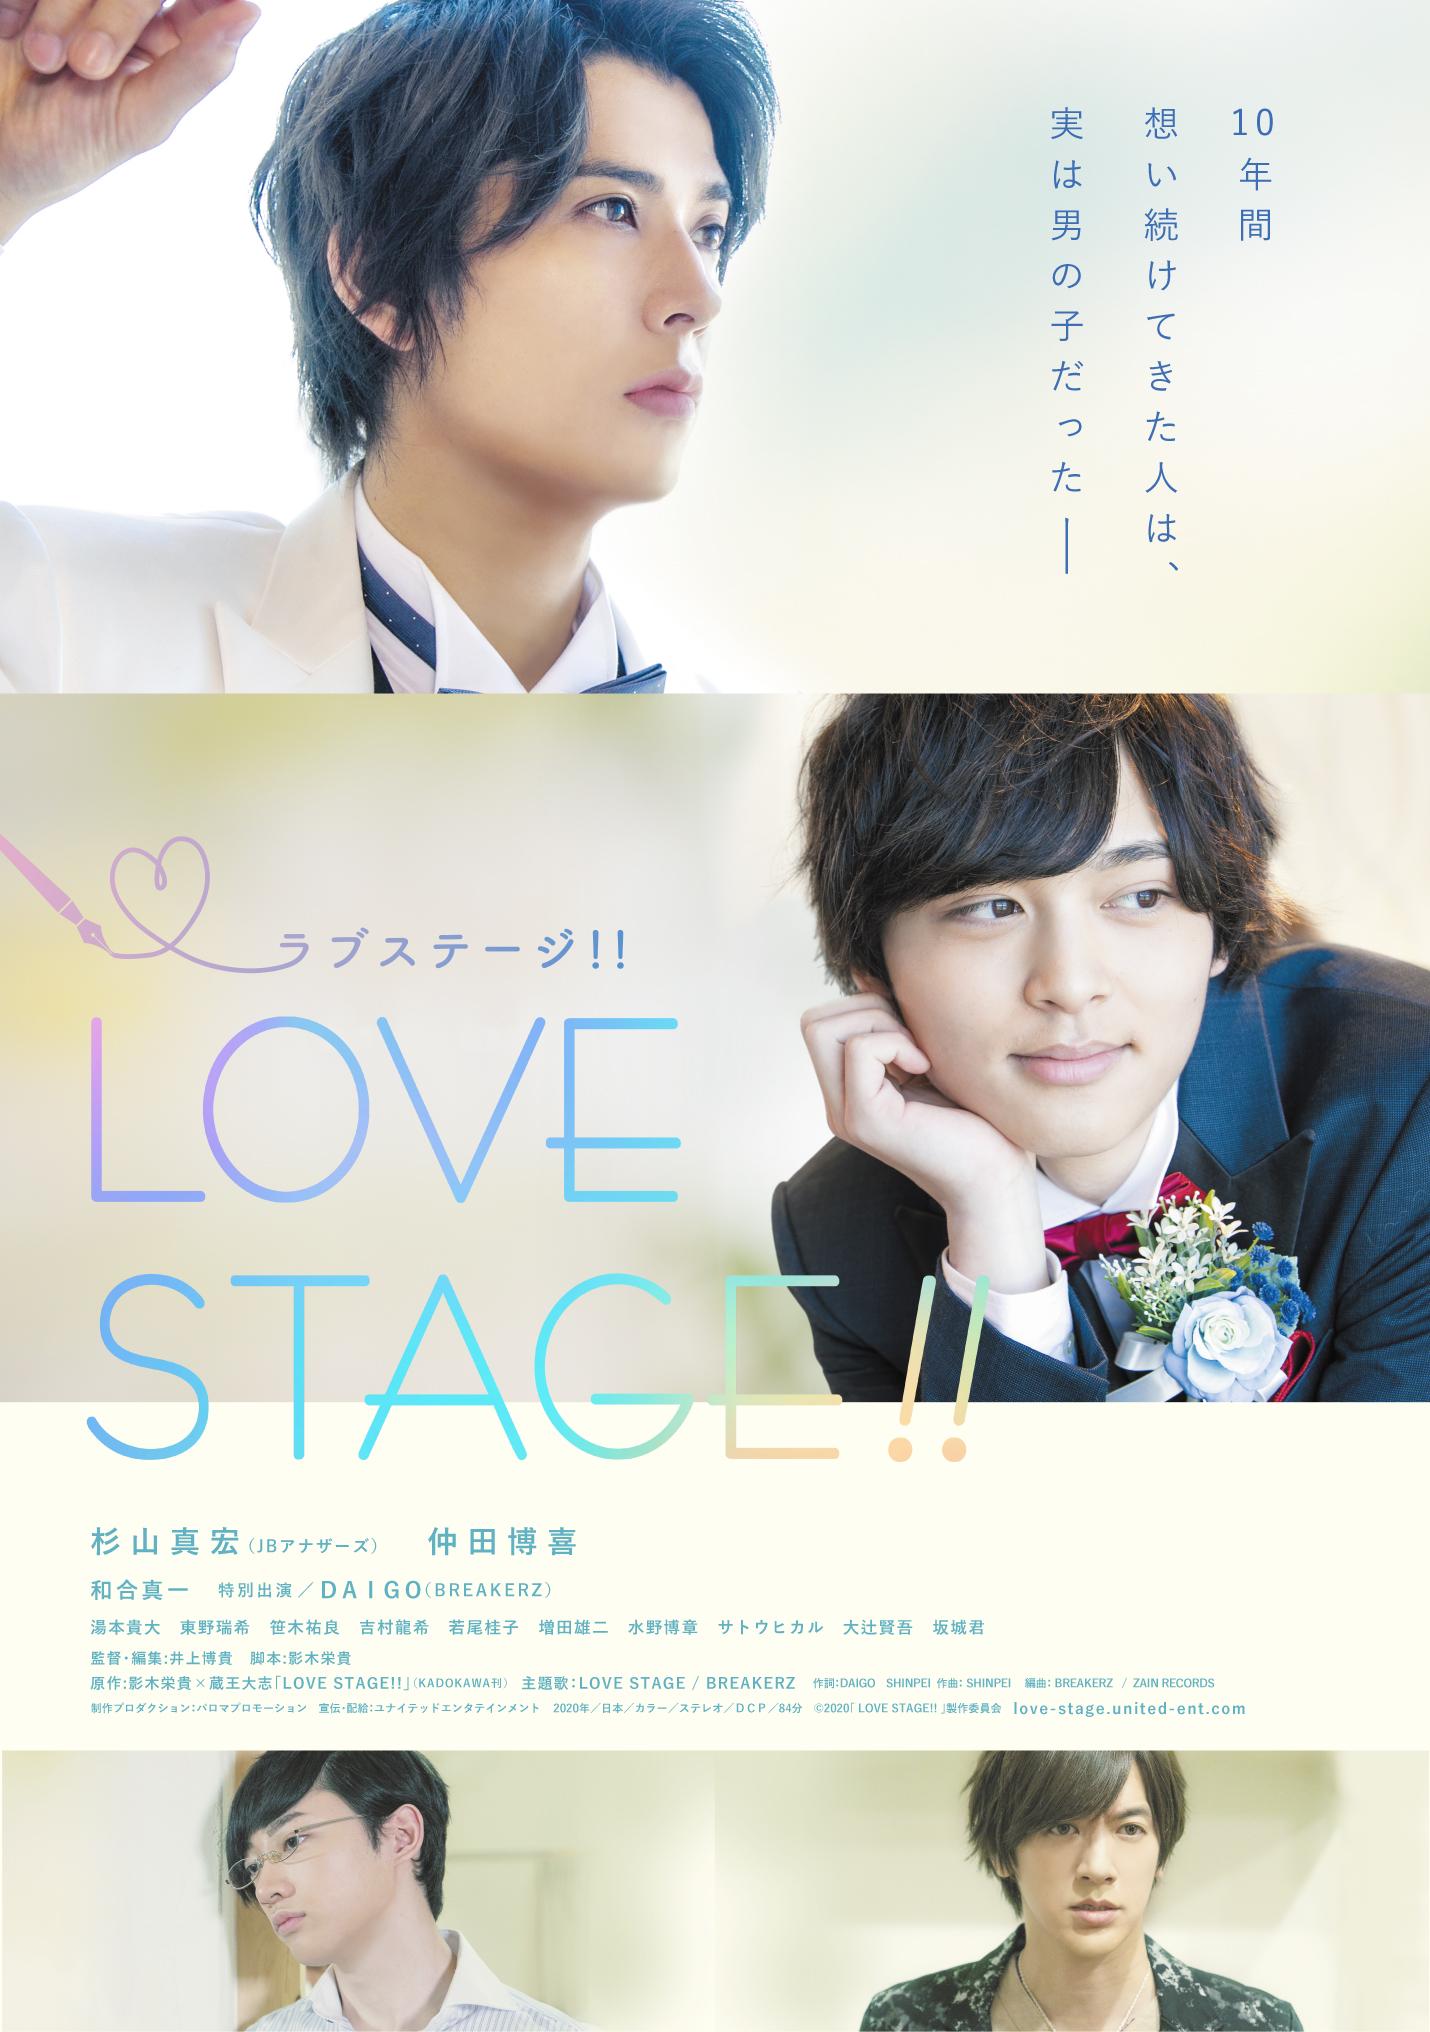 映画「LOVE STAGE!!」DVDジャケット